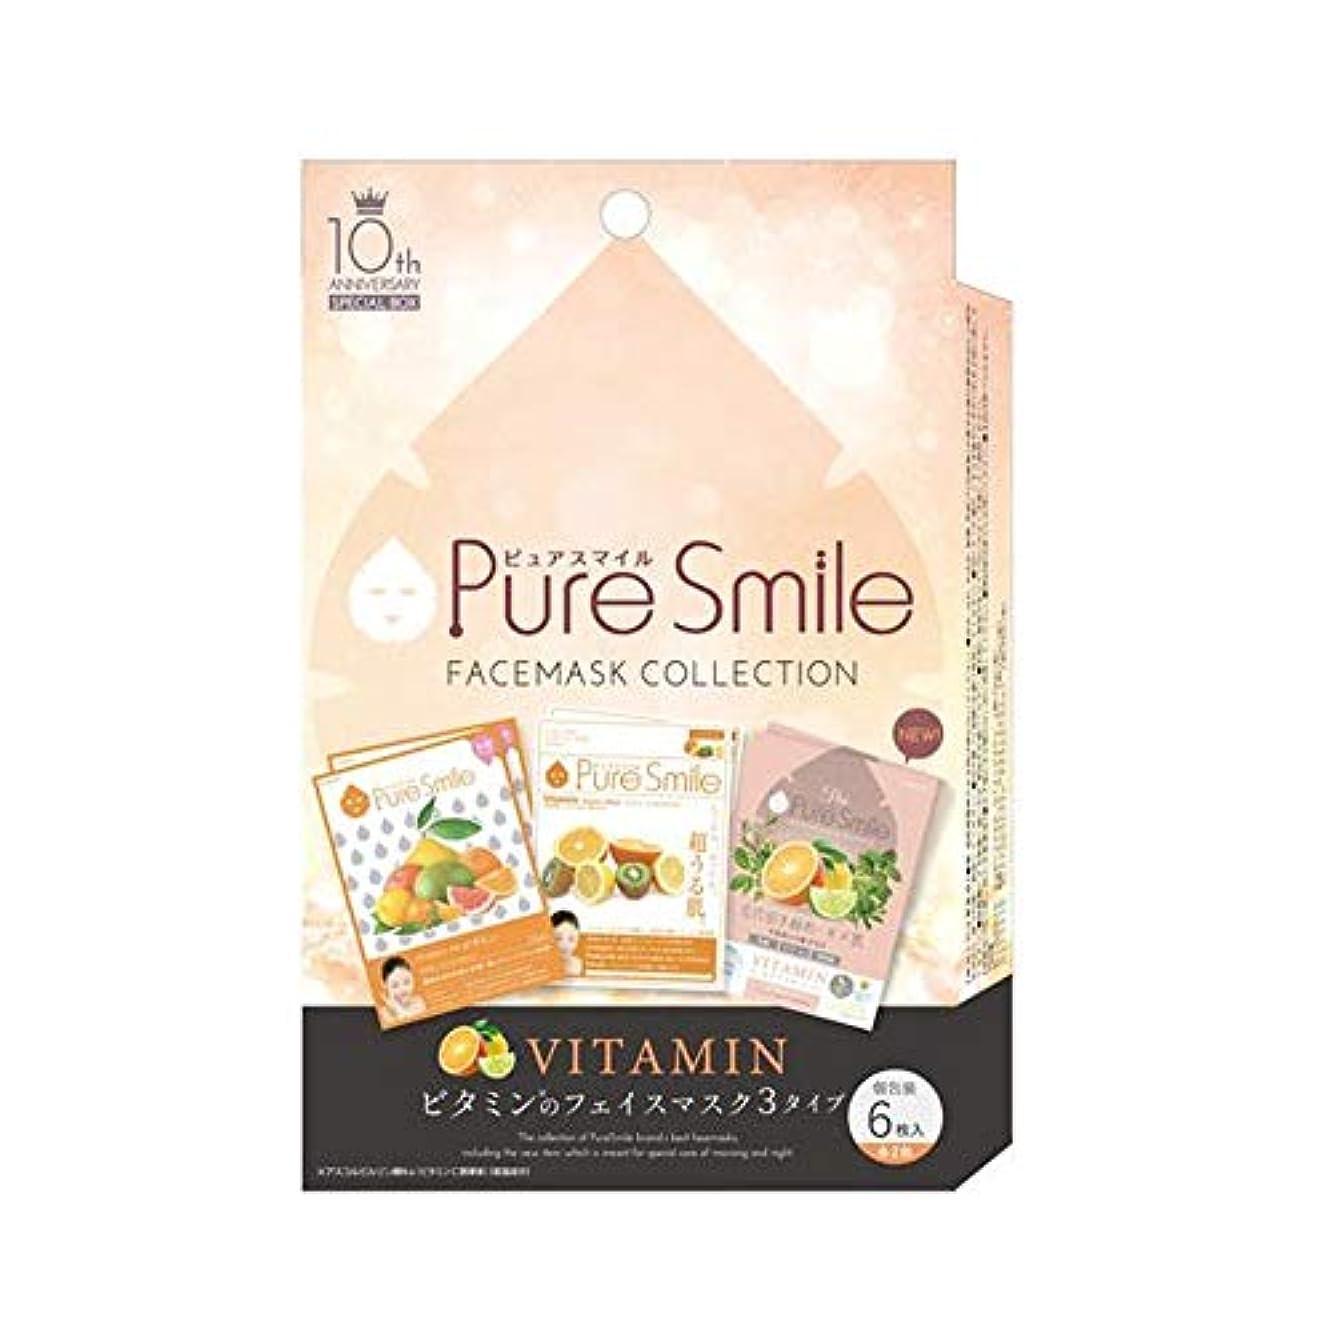 航空機時々時々ハンディキャップピュア スマイル Pure Smile 10thアニバーサリー スペシャルボックス ビタミン 6枚入り